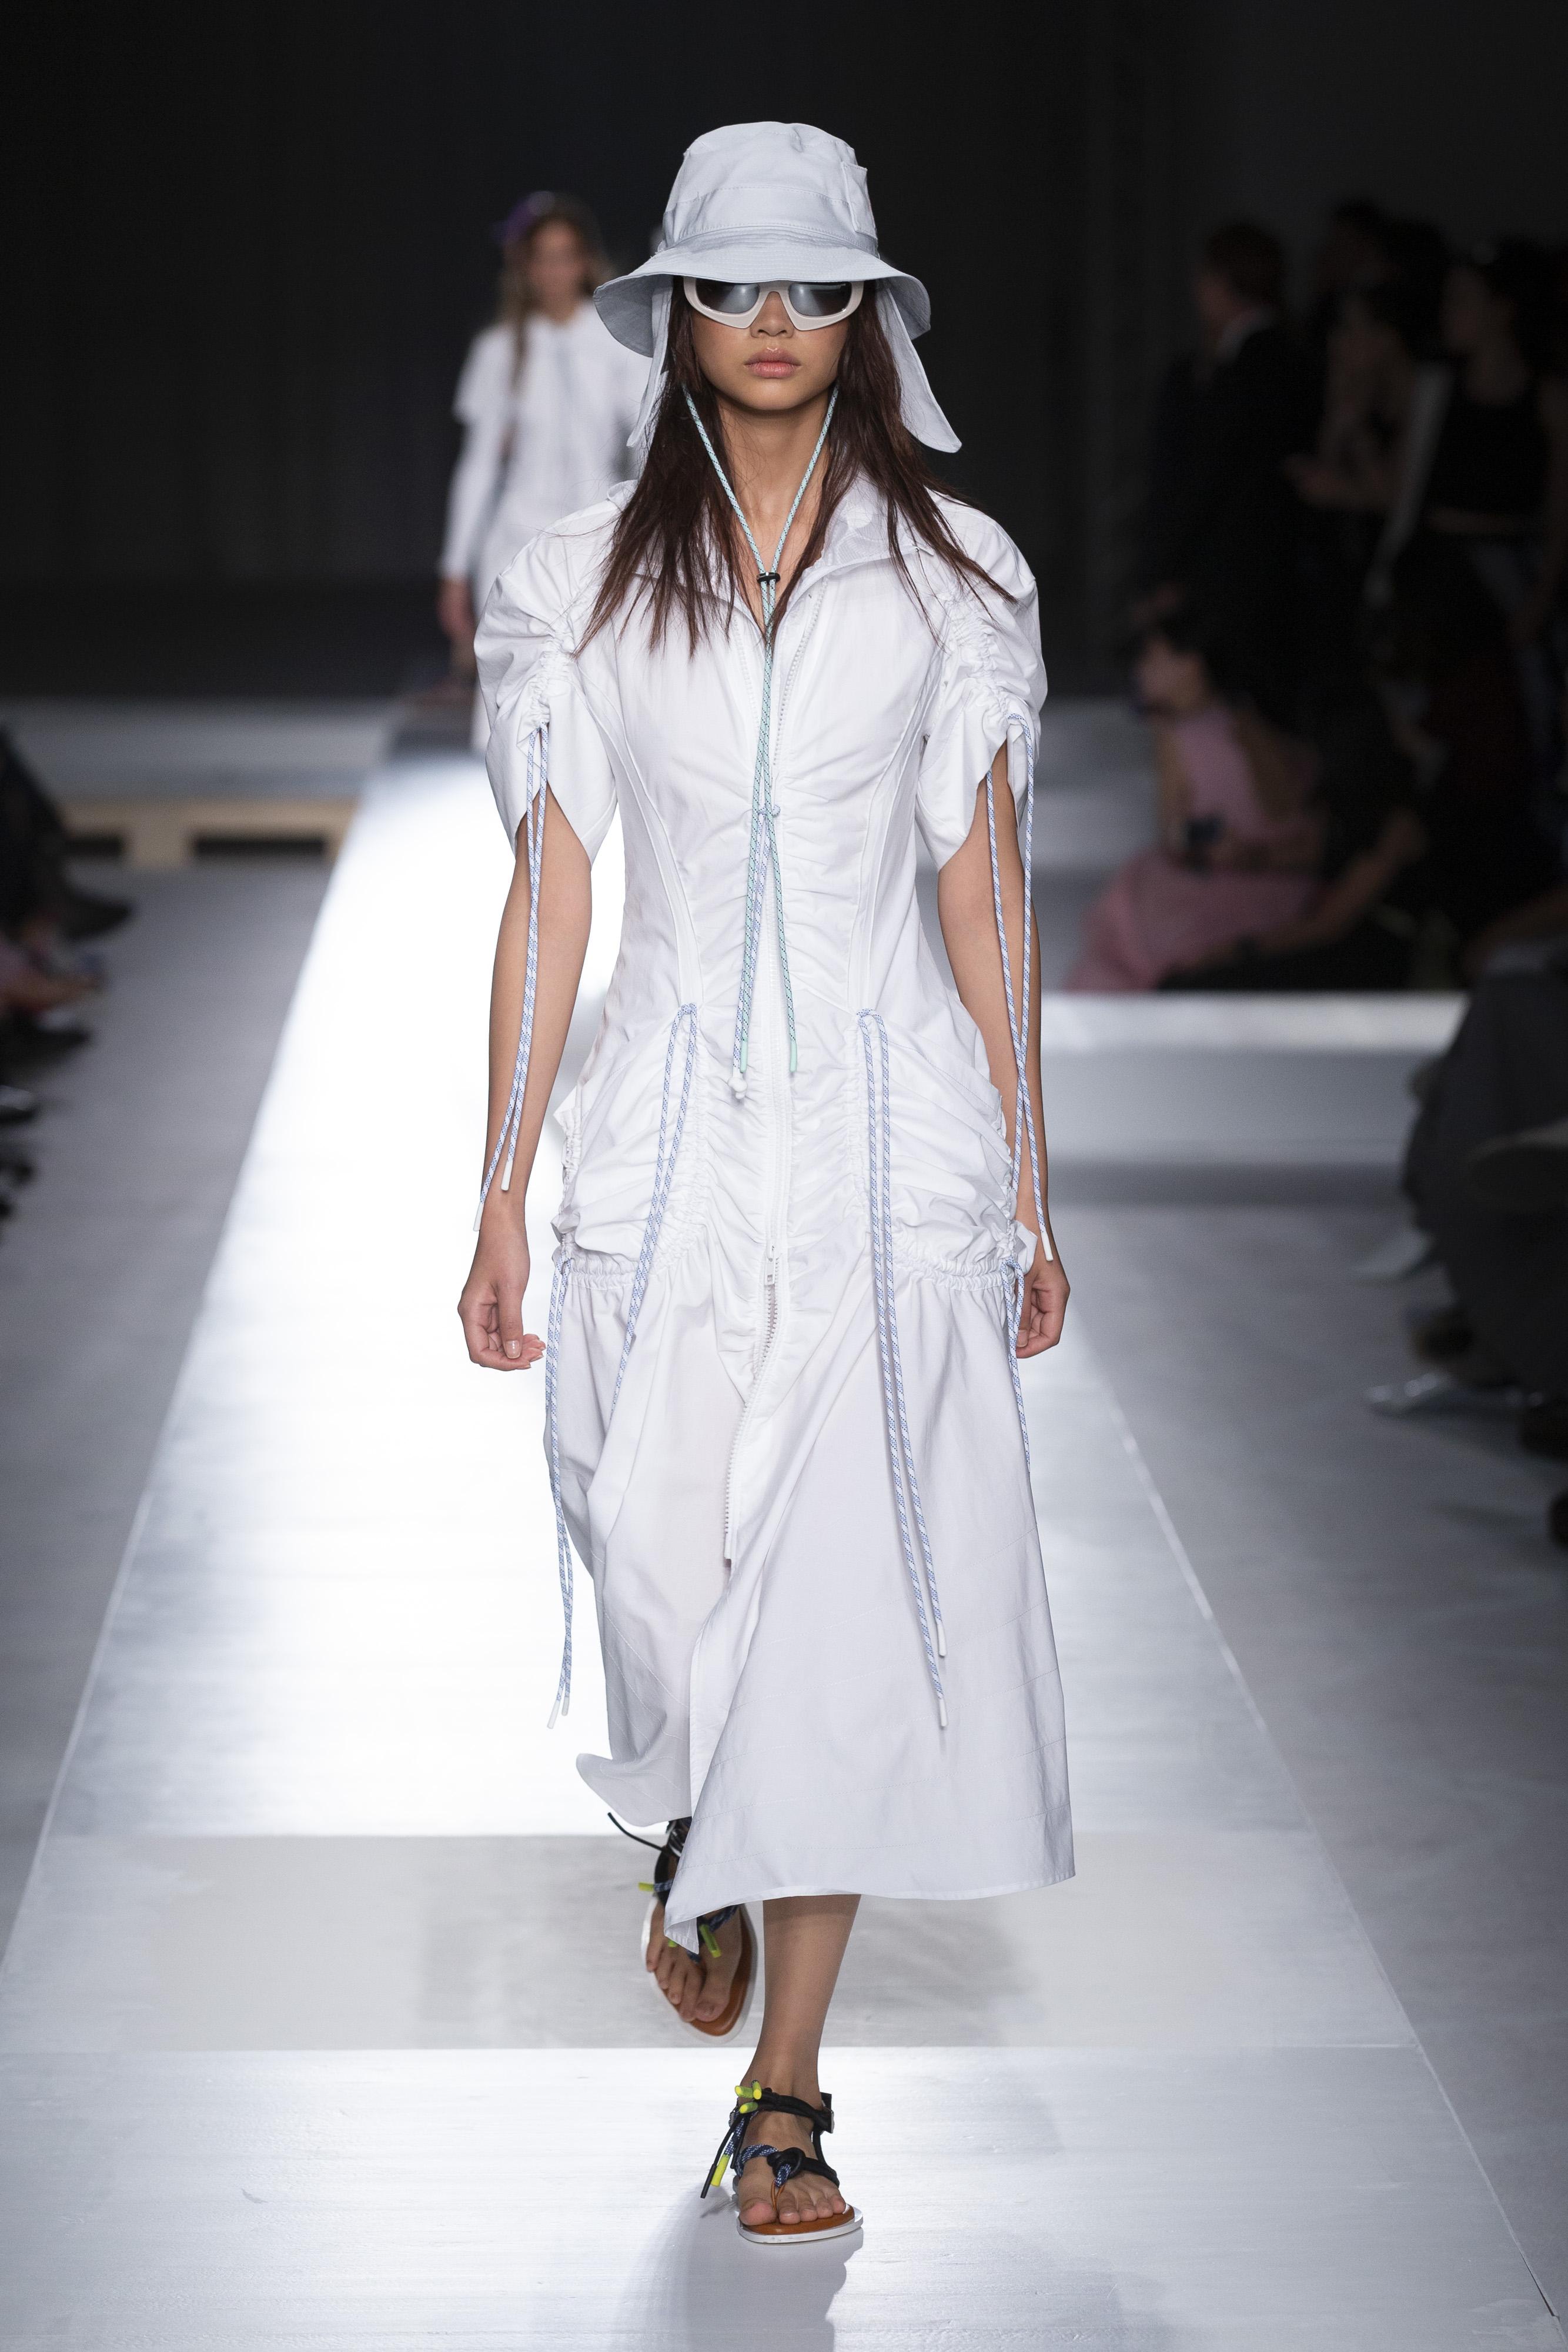 Vestito lungo bianco Sportmax primavera 2019